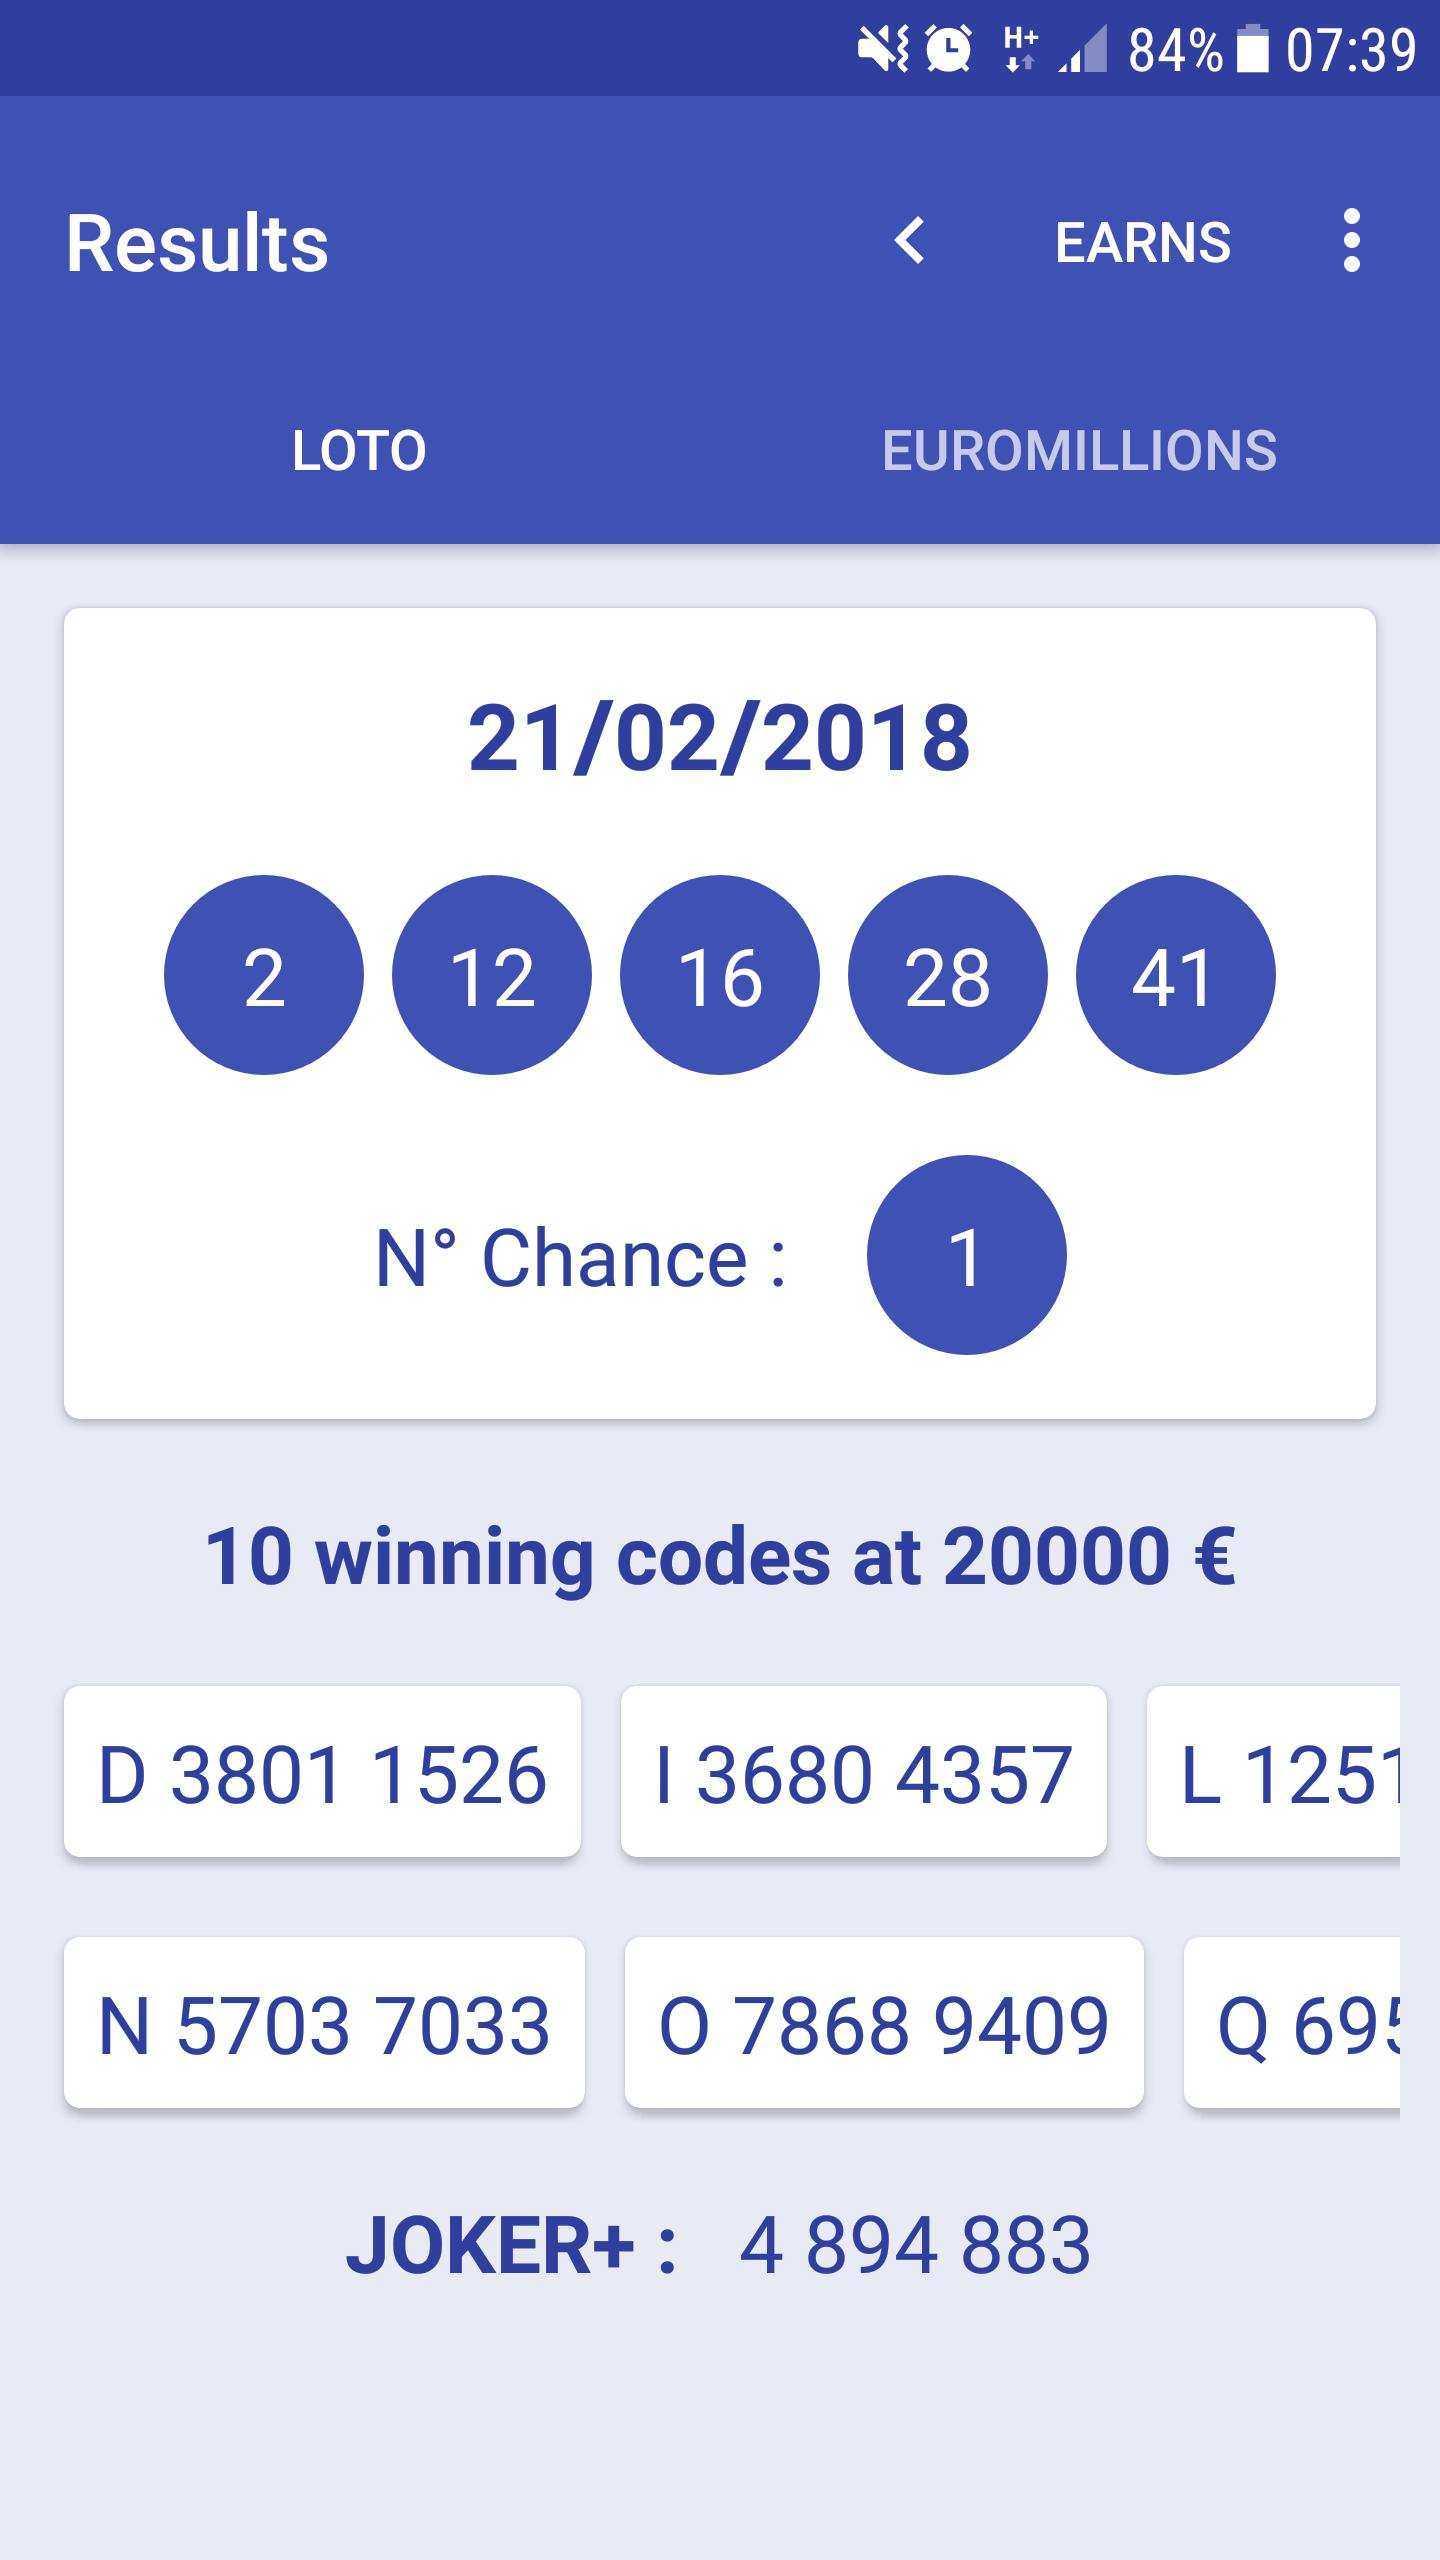 Sito ufficiale della lotteria italiana del superenalotto - biglietti e risultati, recensioni e la possibilità di suonare in russo | grandi lotterie